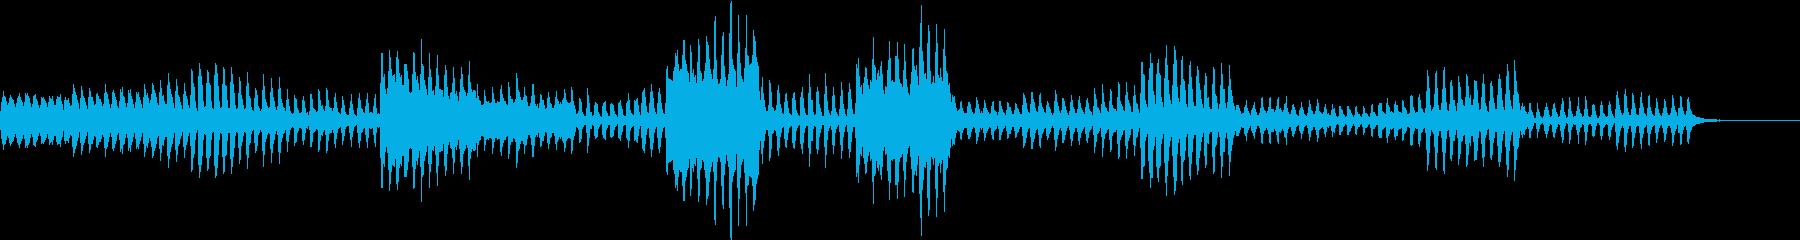 可愛らしく活発な曲の再生済みの波形